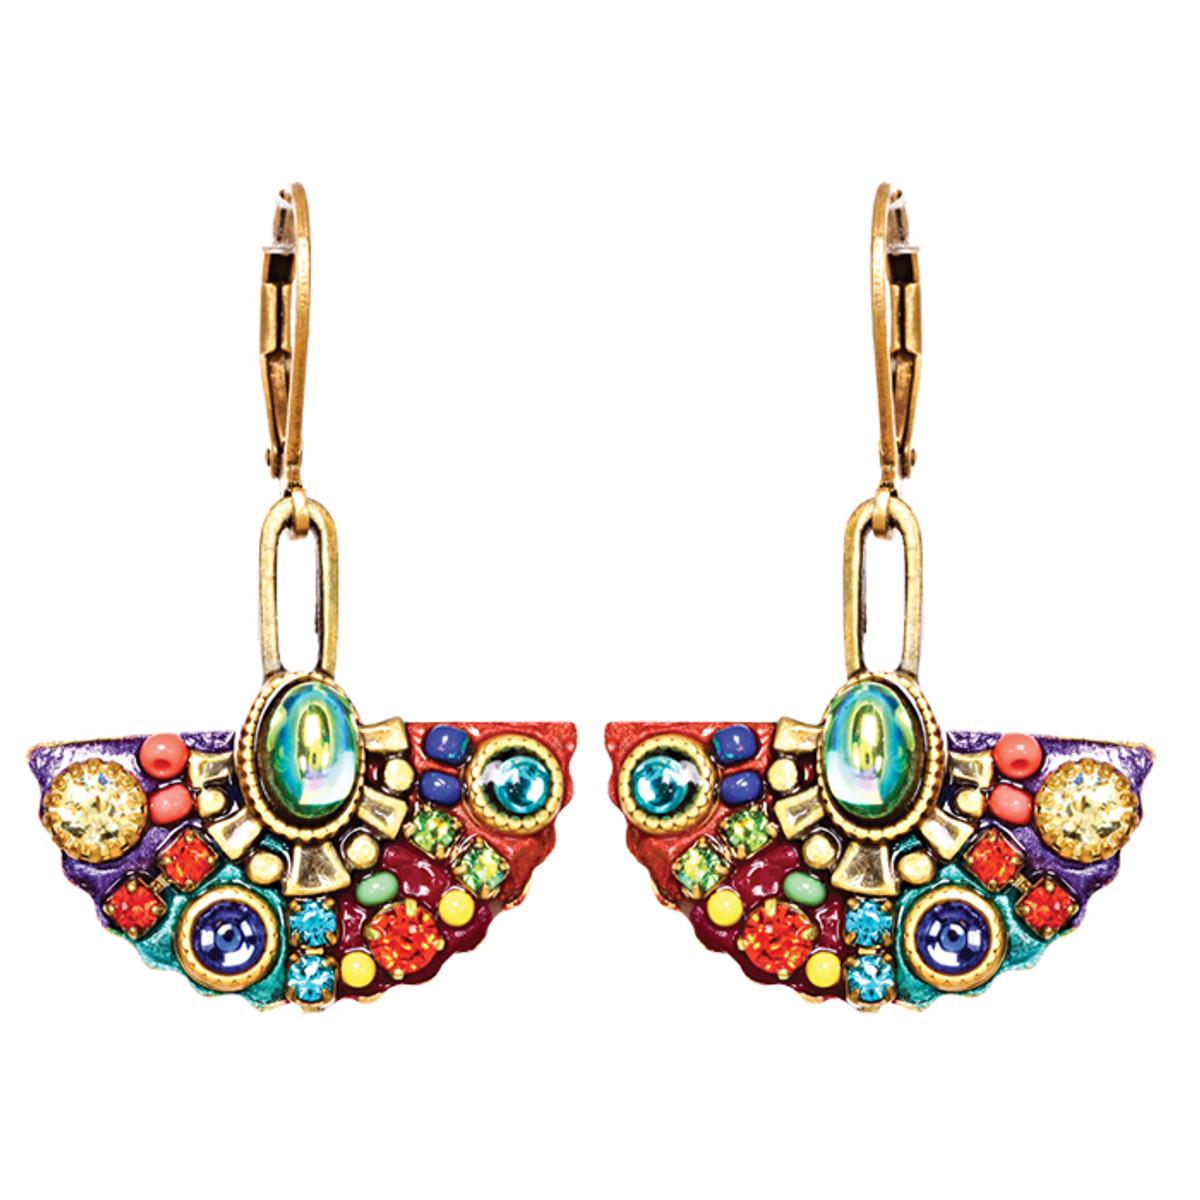 Michal Golan Earrings - Multibright Fan Pendant Dangle